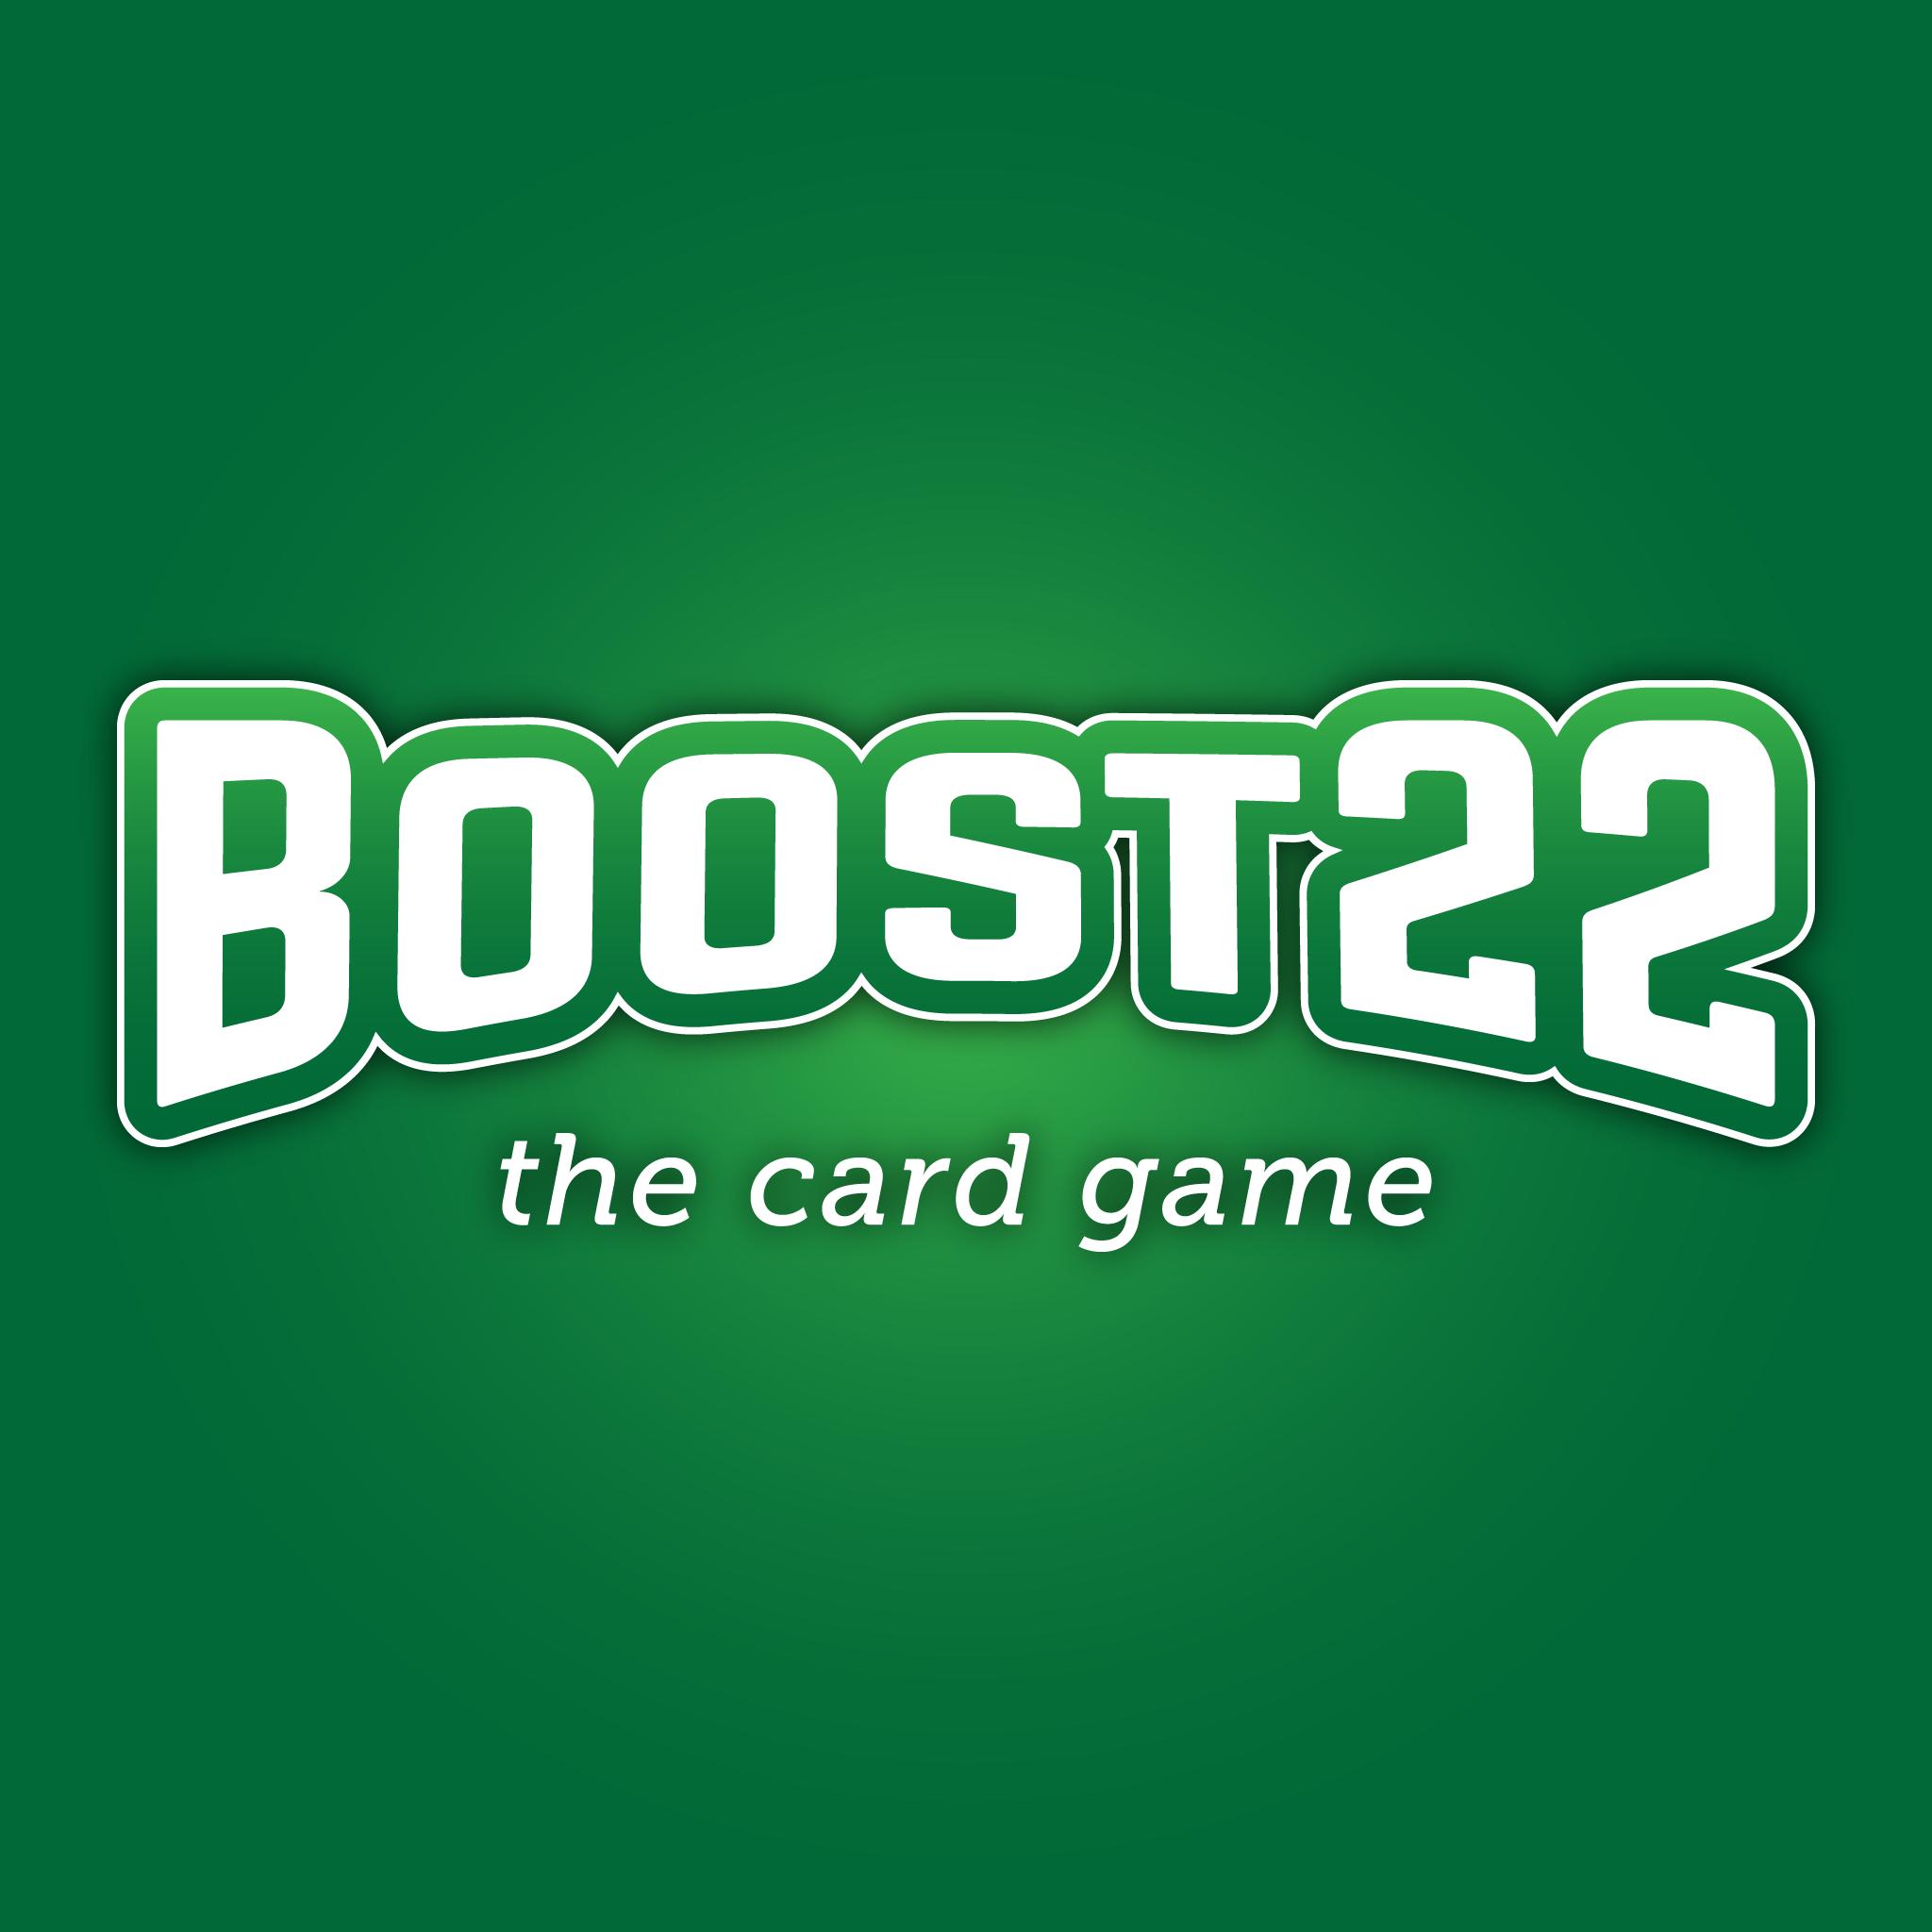 BOOST22